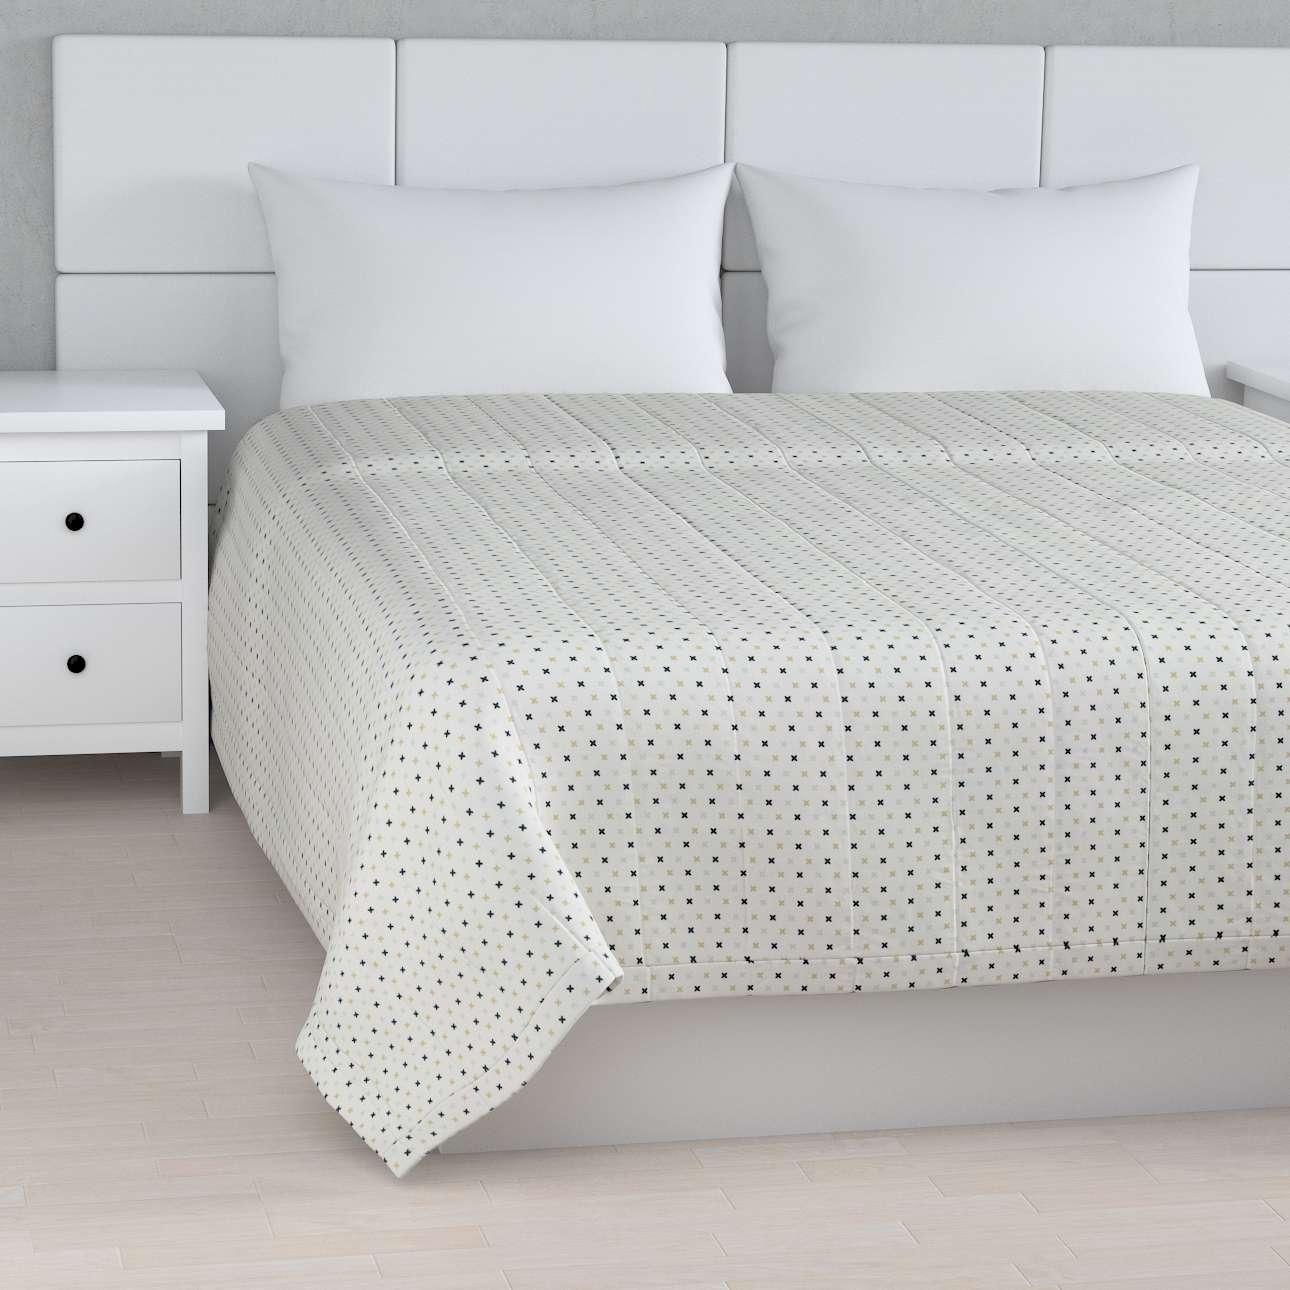 Cuvertura matlasata cu model în colecție Aventura, țesătură: 141-83